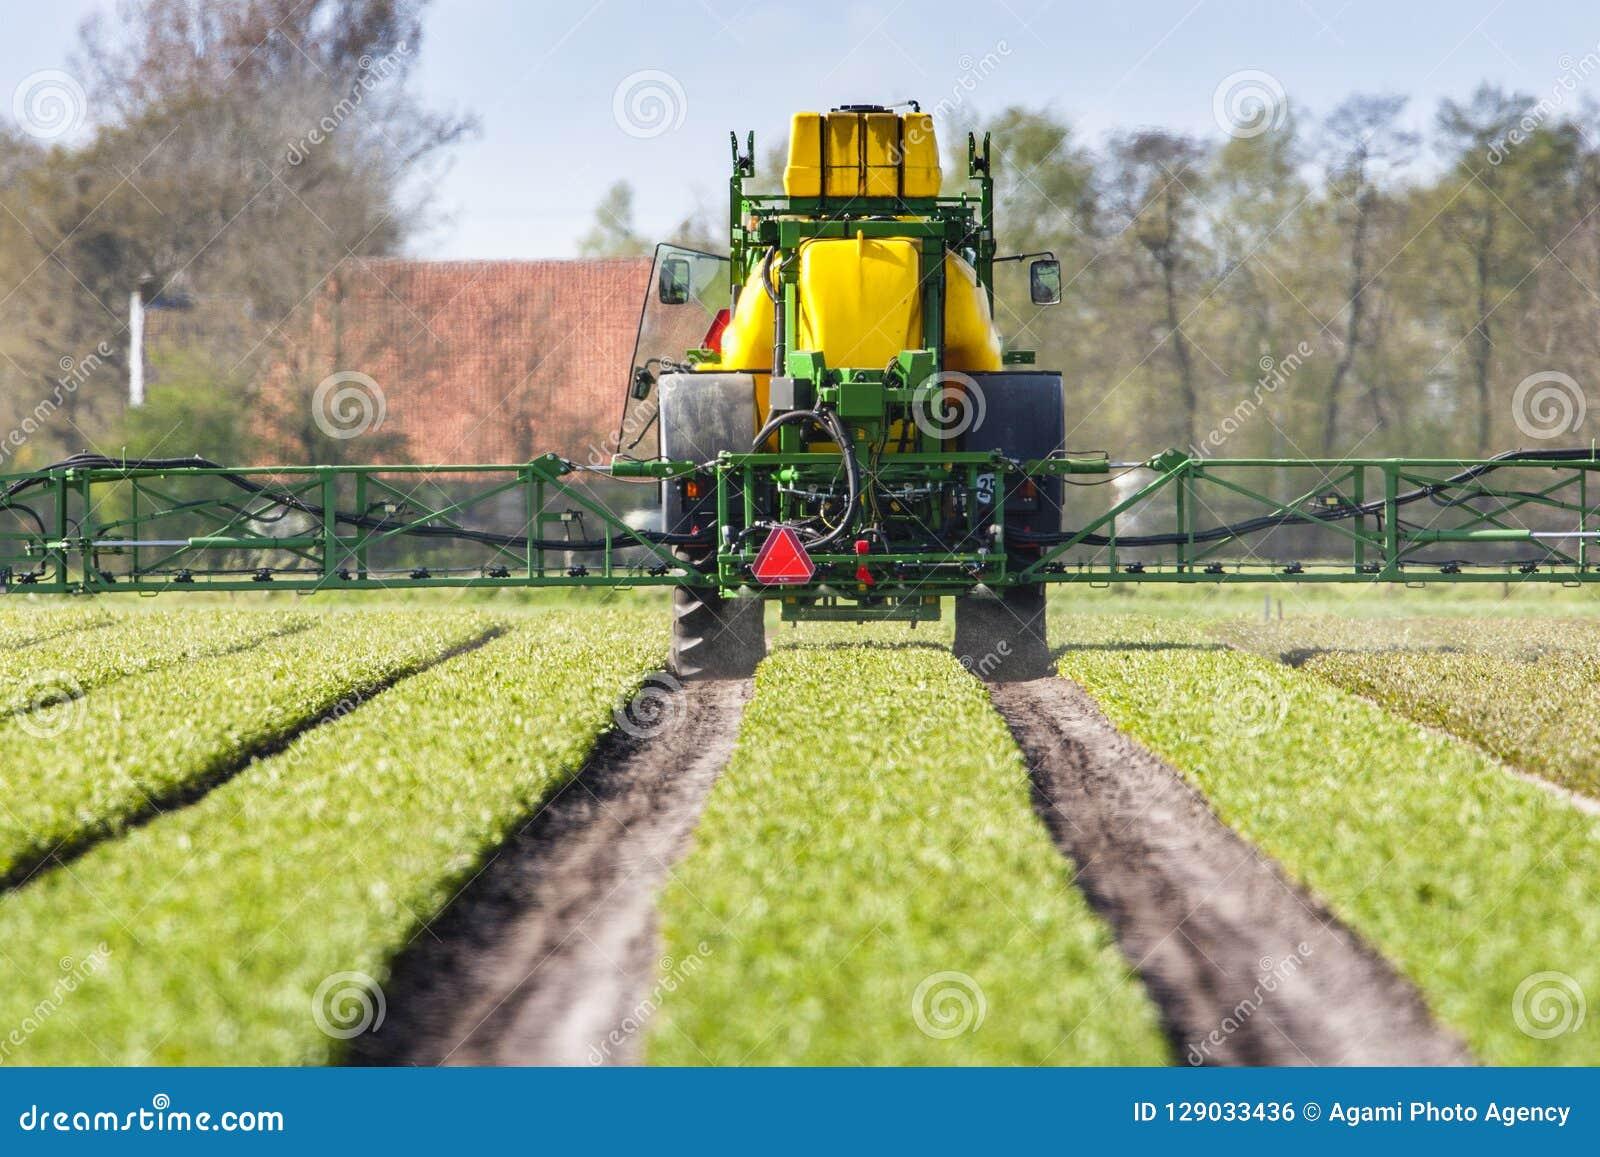 Le tracteur meurent spuit de landbouwgif, pesticides de pulvérisation de tracteur